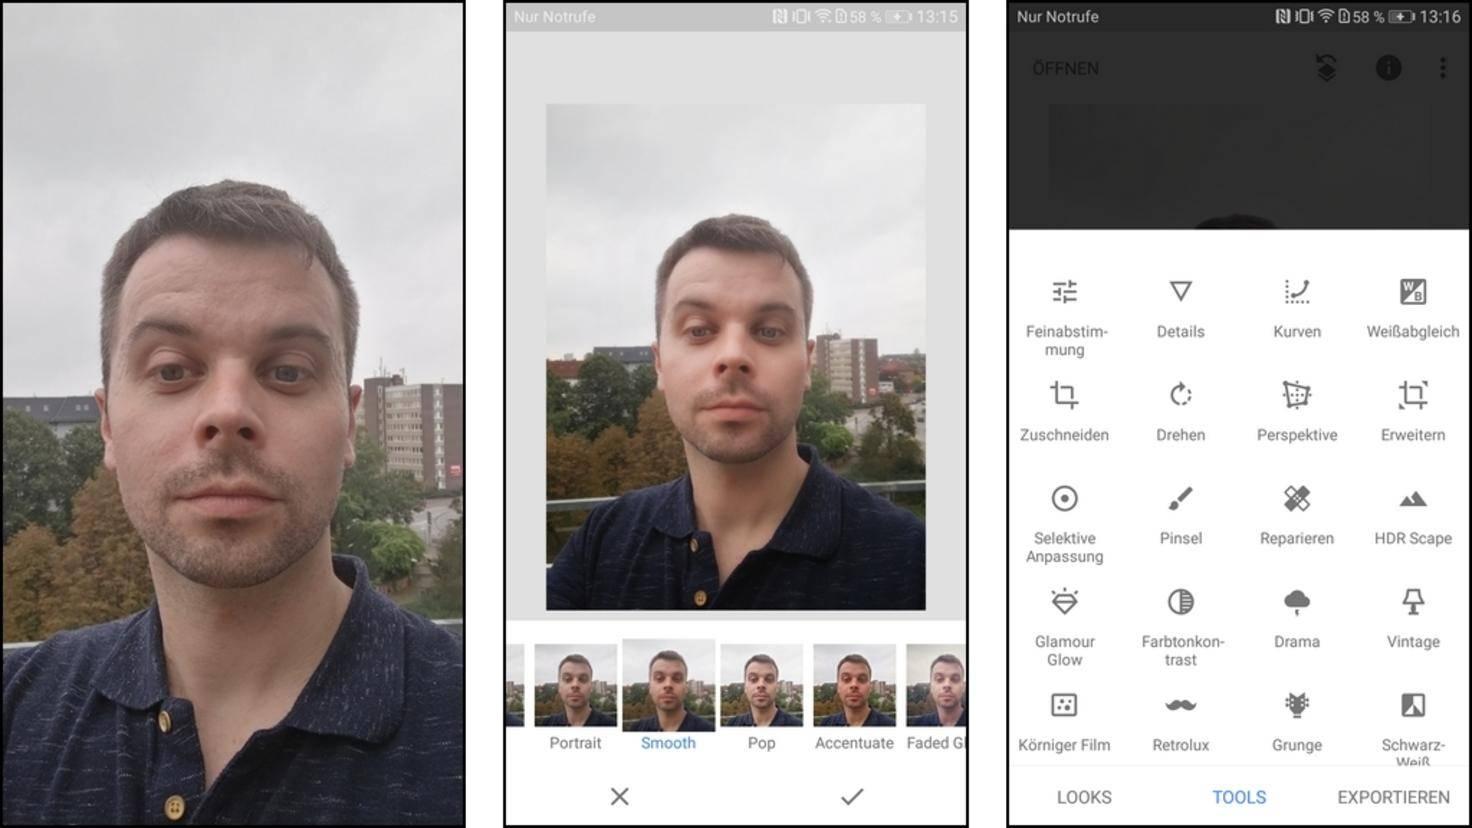 7 Kostenlose Facetune Alternativen Für Android Ios